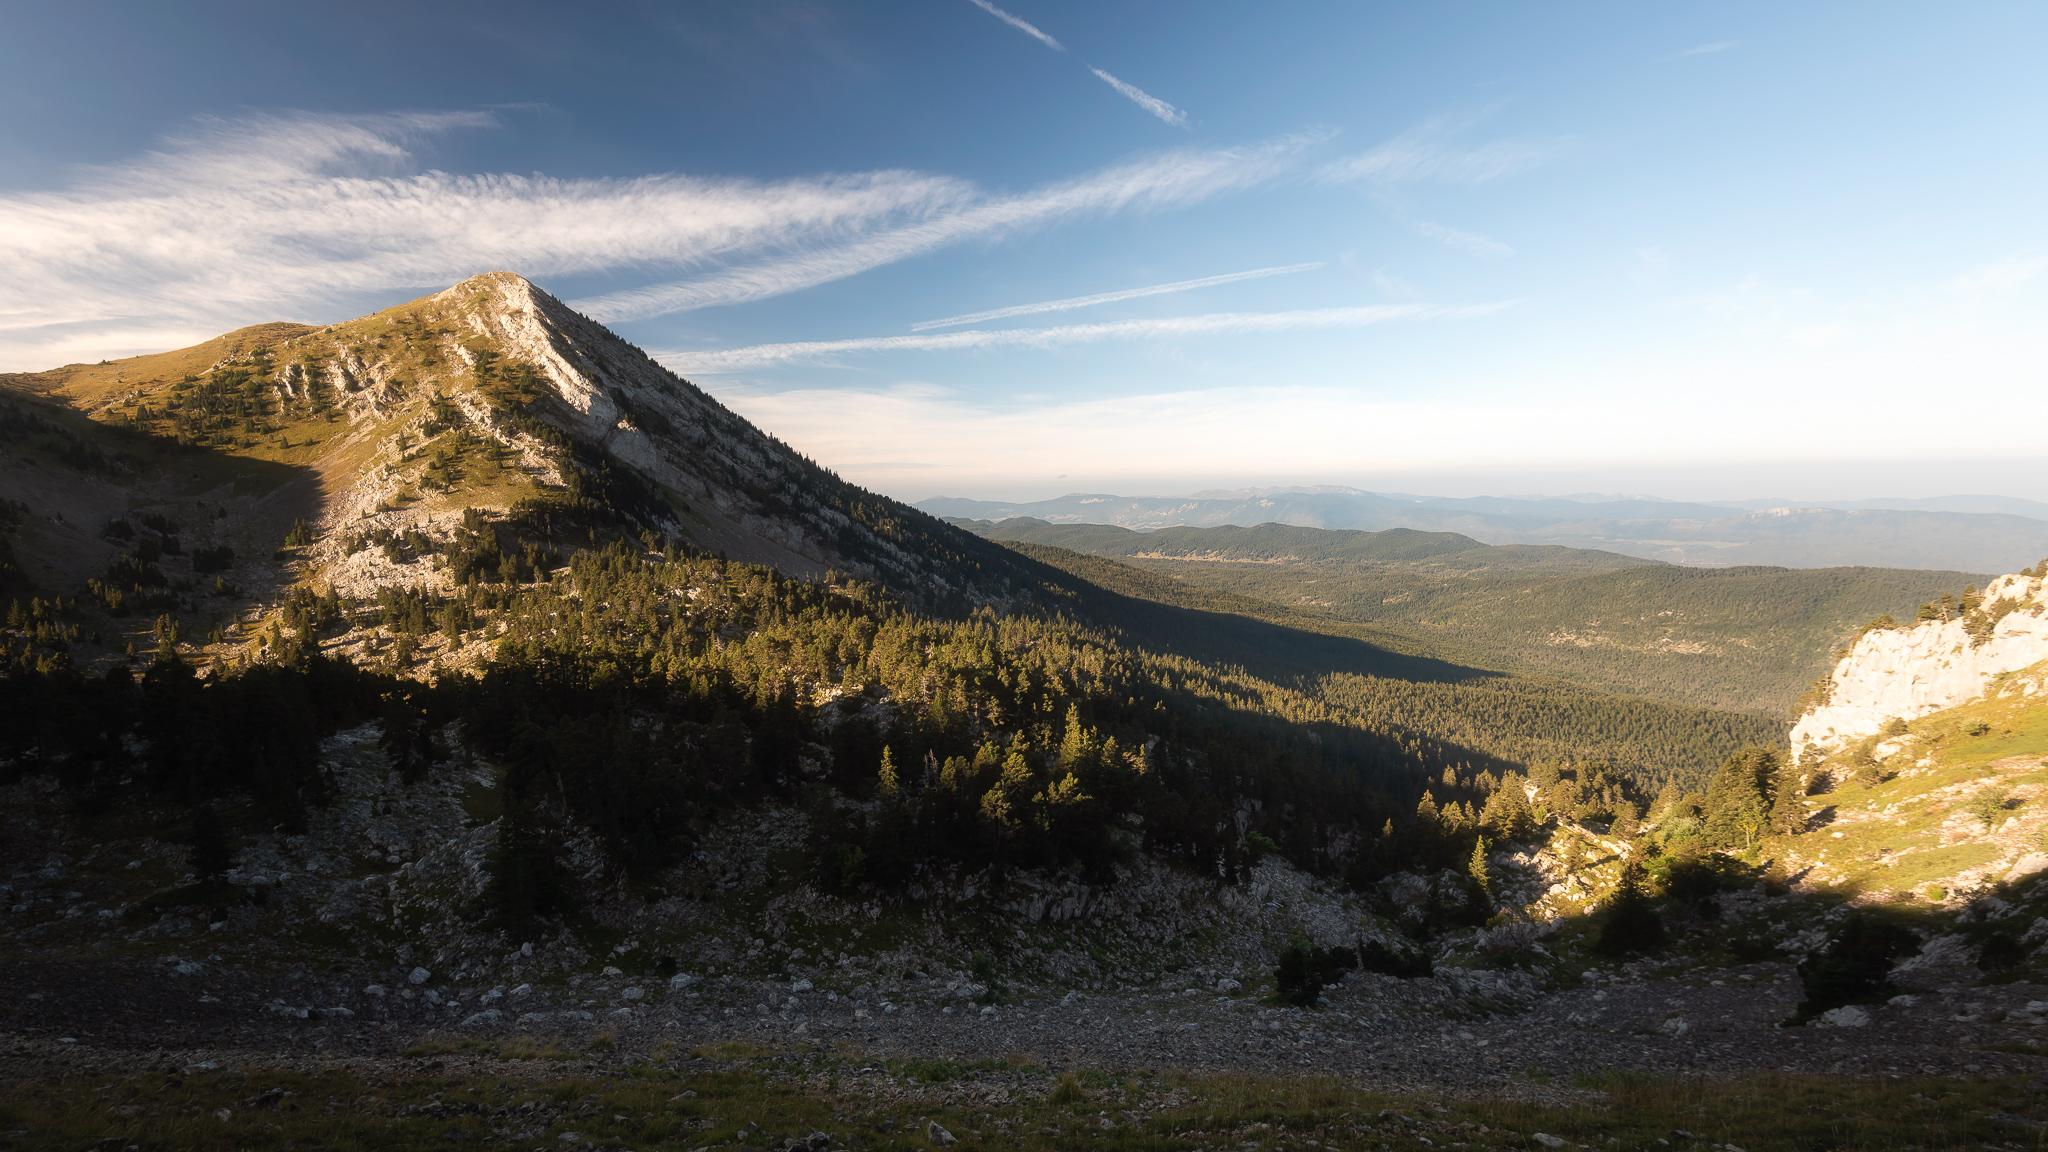 Un morceau de la réserve naturelle des hauts plateaux